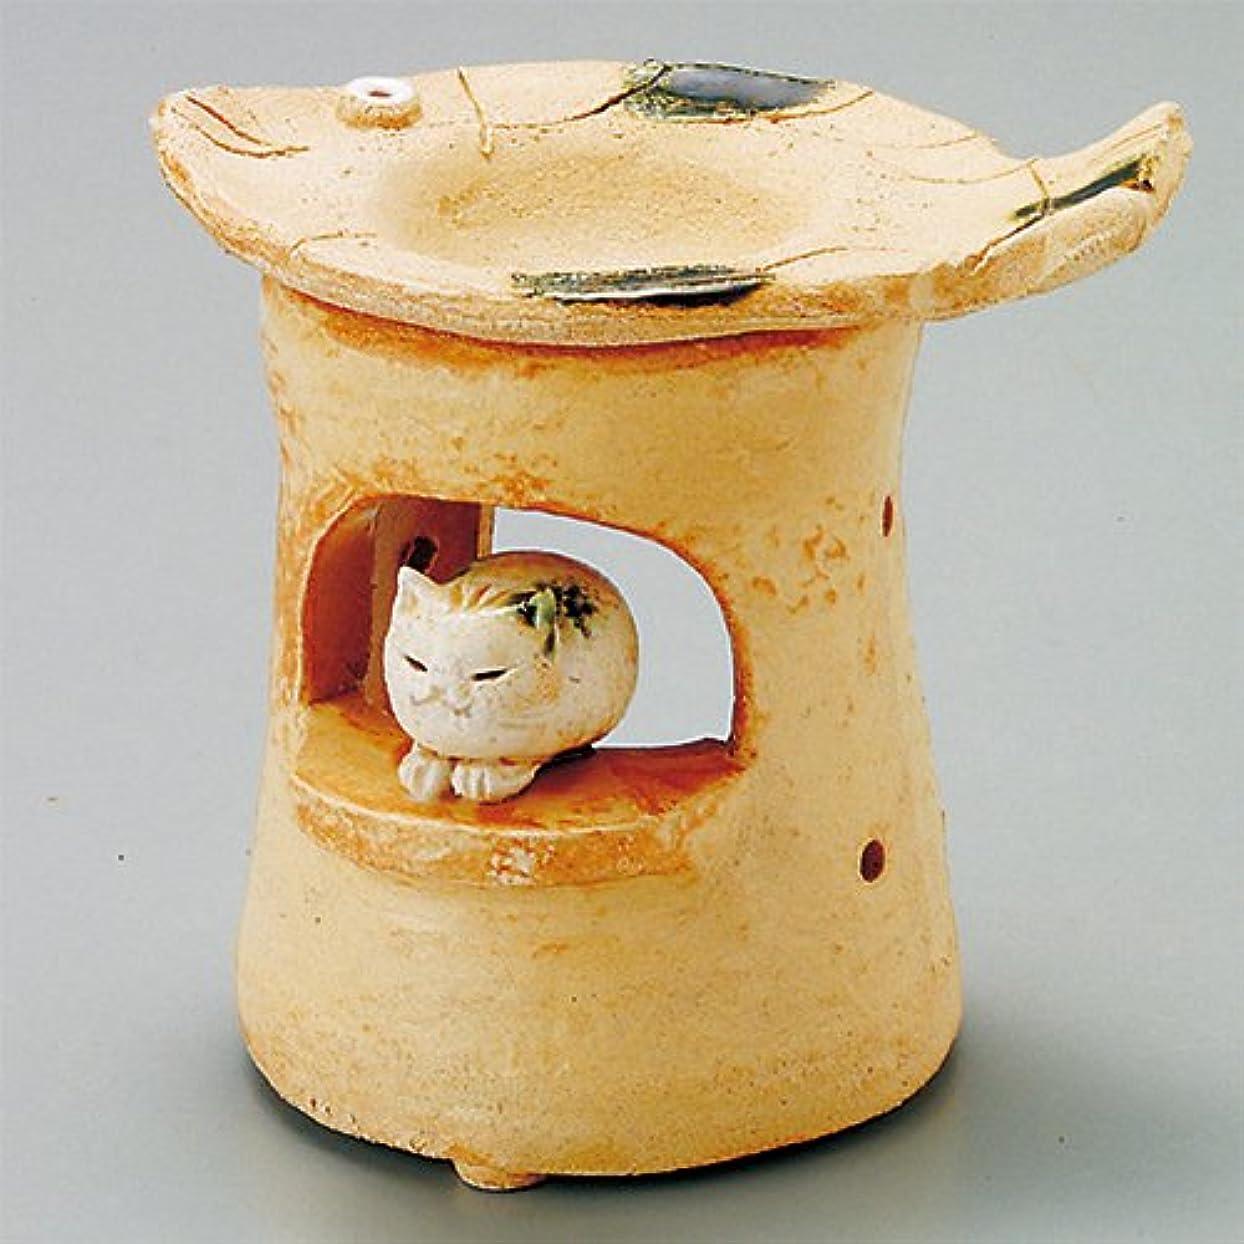 平行支出管理者島ねこ 島ねこ 茶香炉 [12x8.5xH11.5cm] HANDMADE プレゼント ギフト 和食器 かわいい インテリア